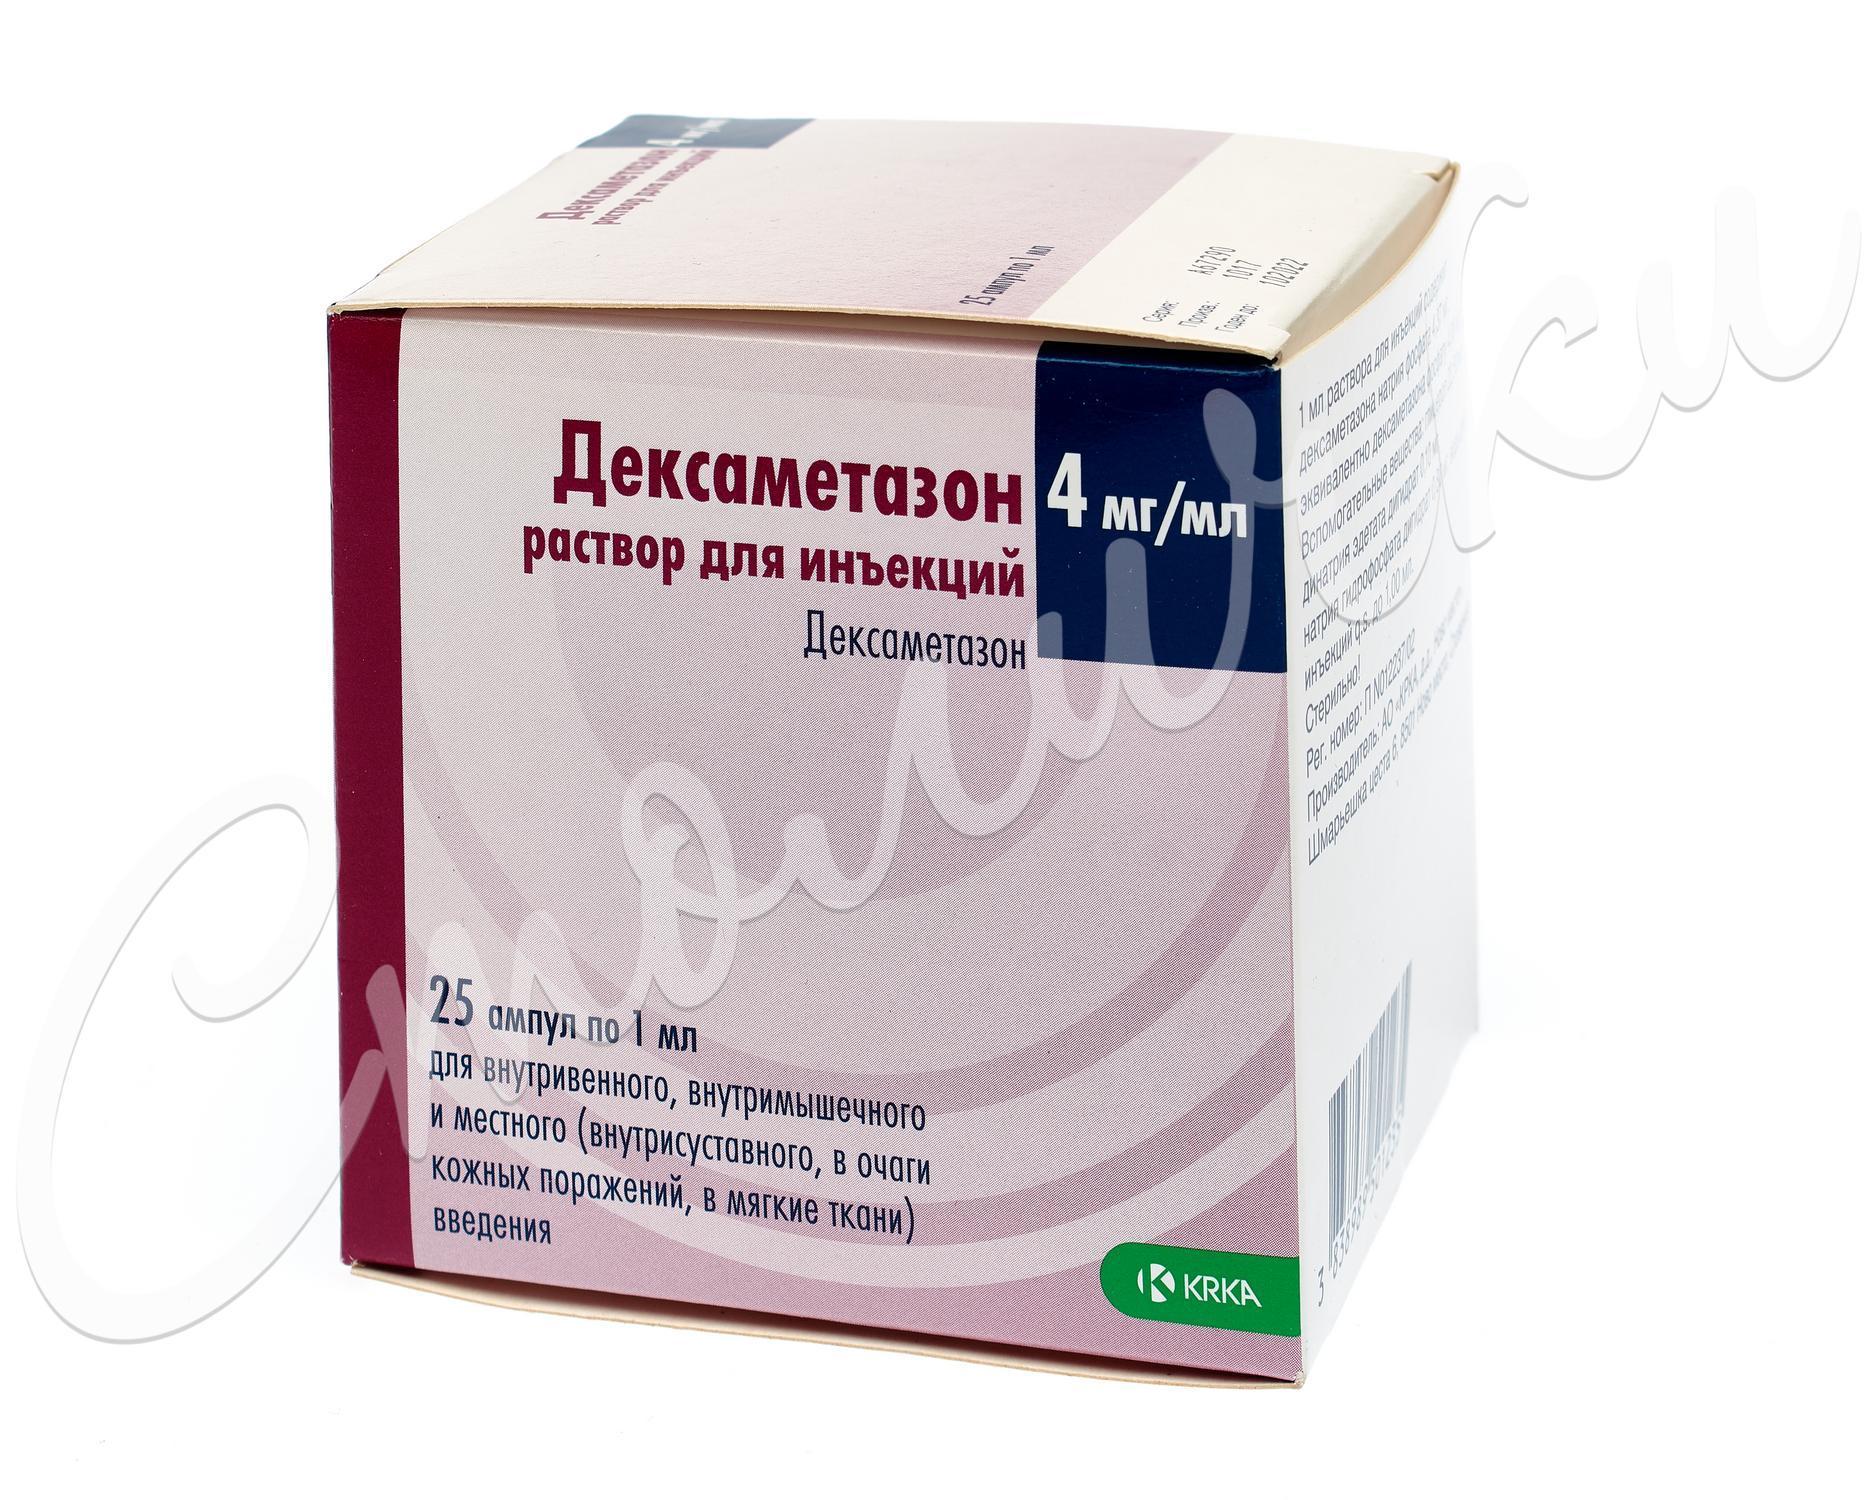 Дексаметазона фосфат: состав, показания, дозировка, побочные эффекты